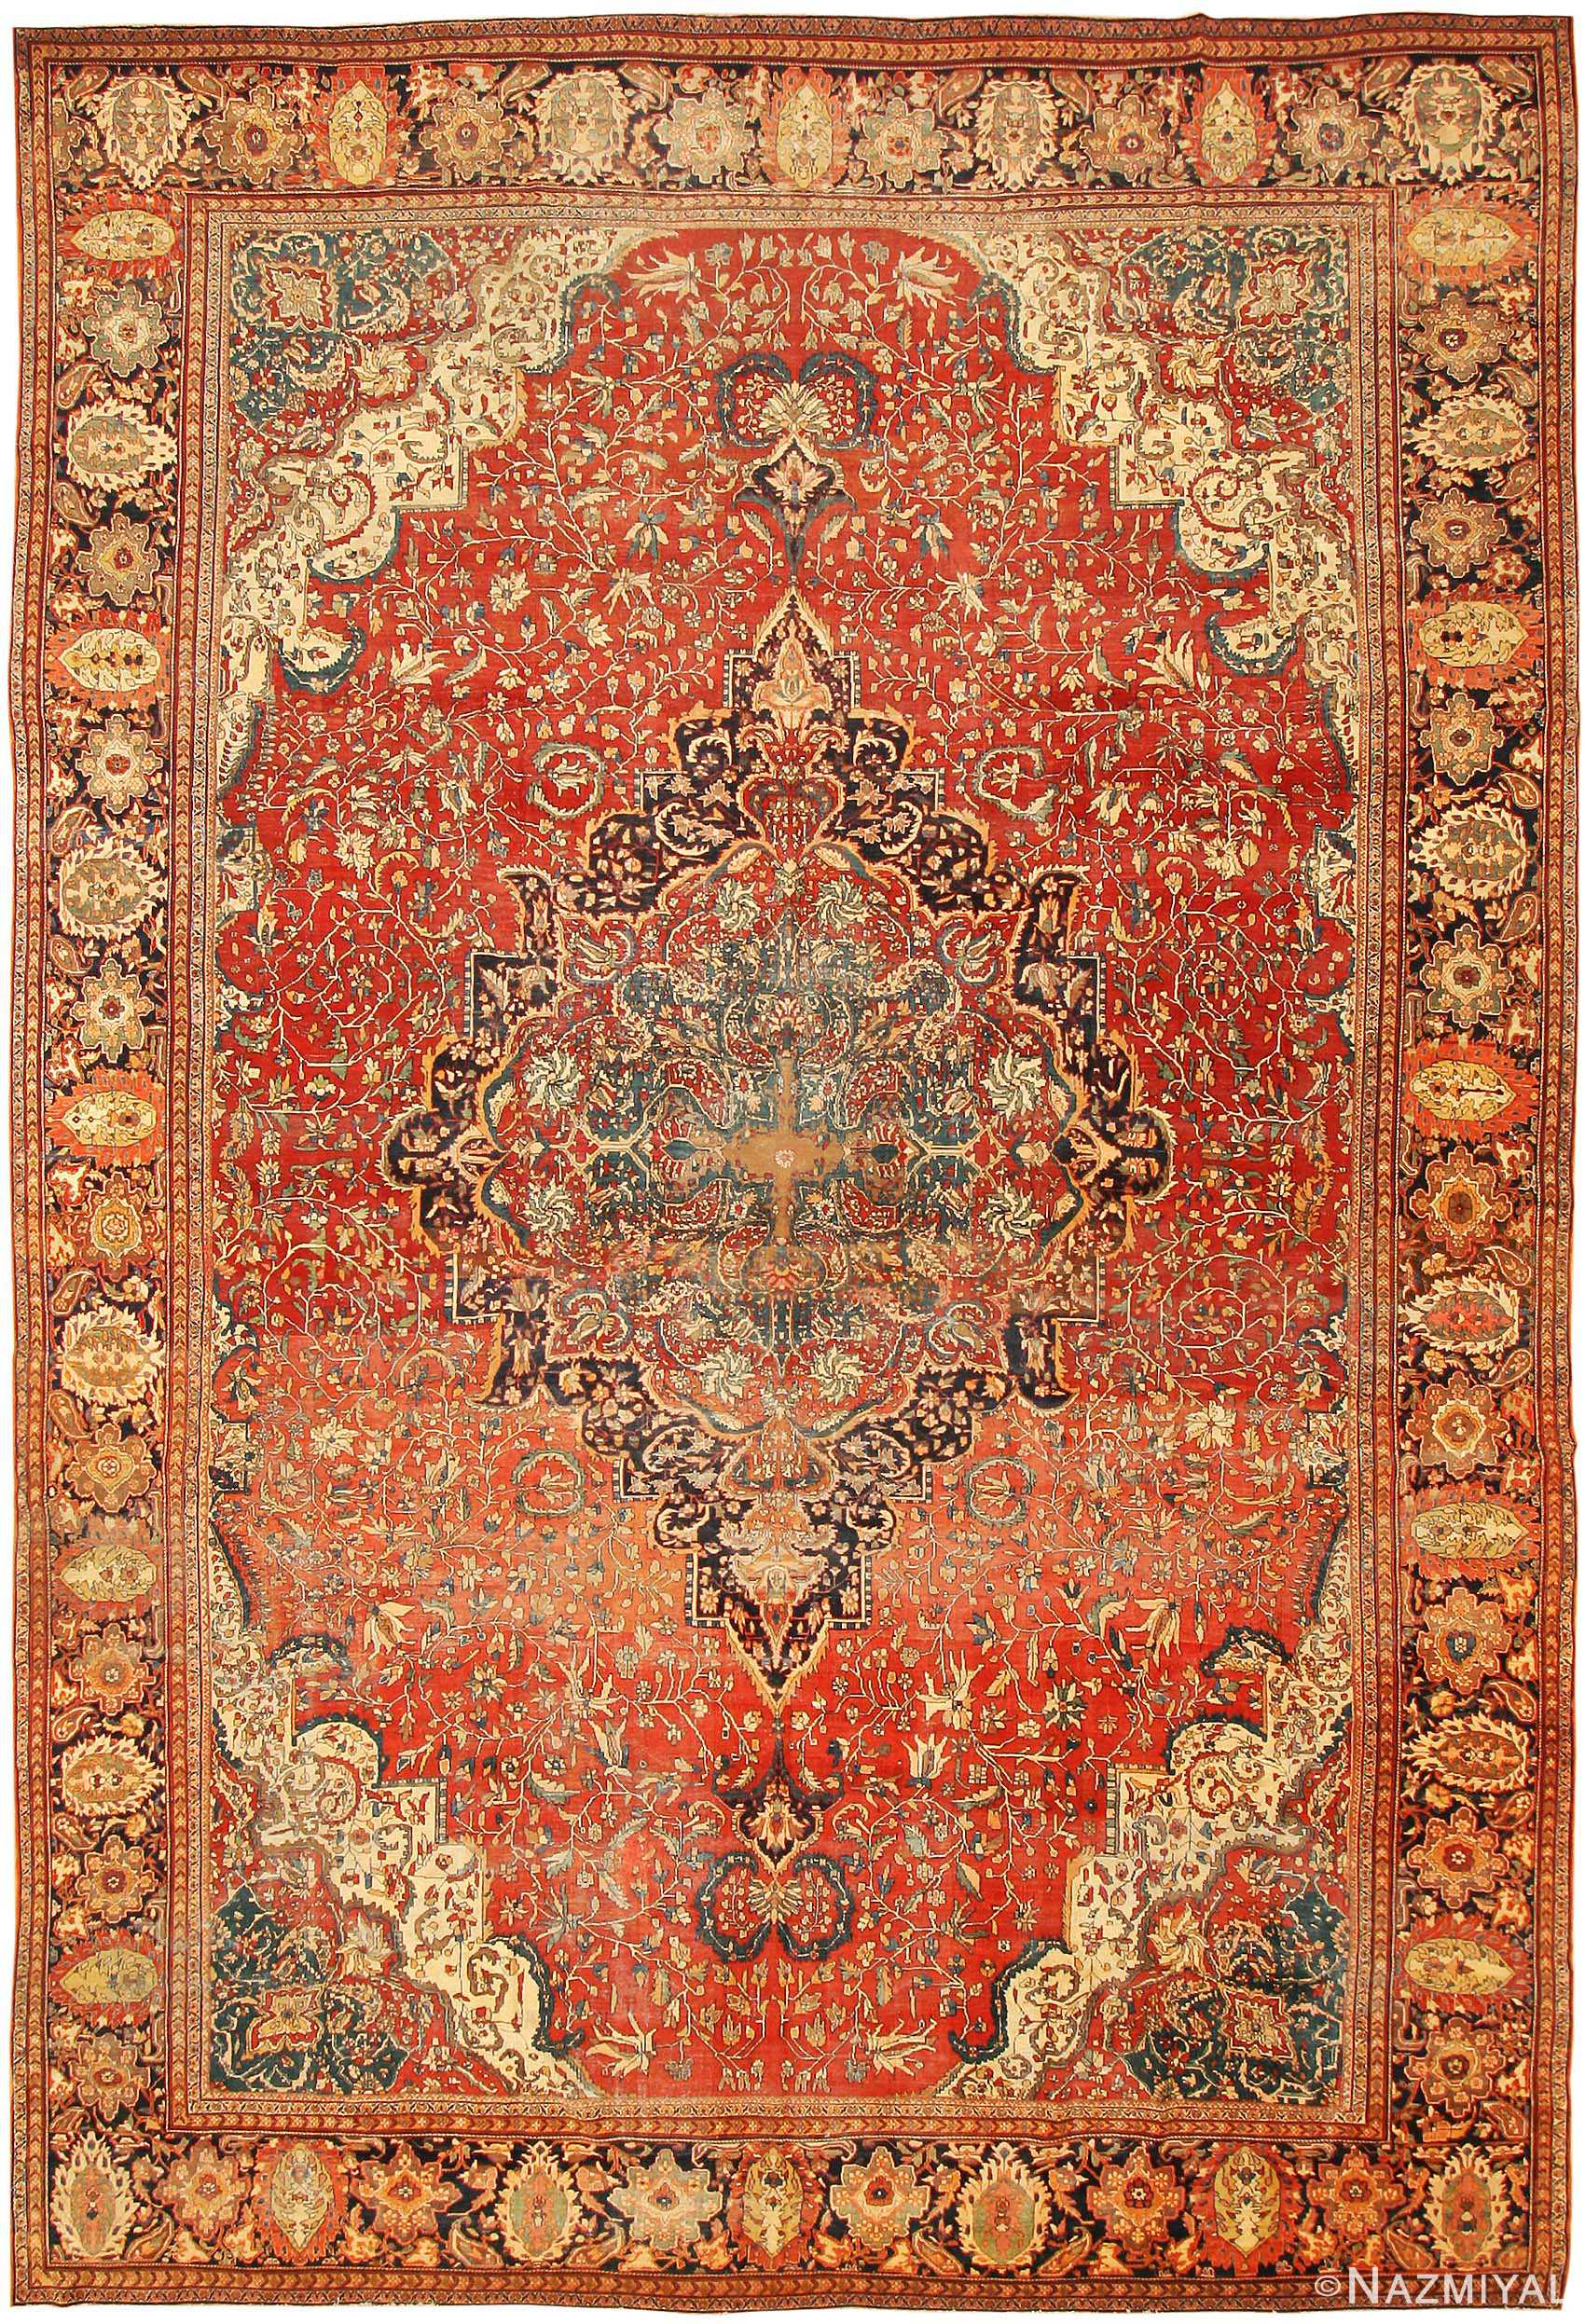 Antique Sarouk Farahan Persian Rug 43328 - Nazmiyal Collection